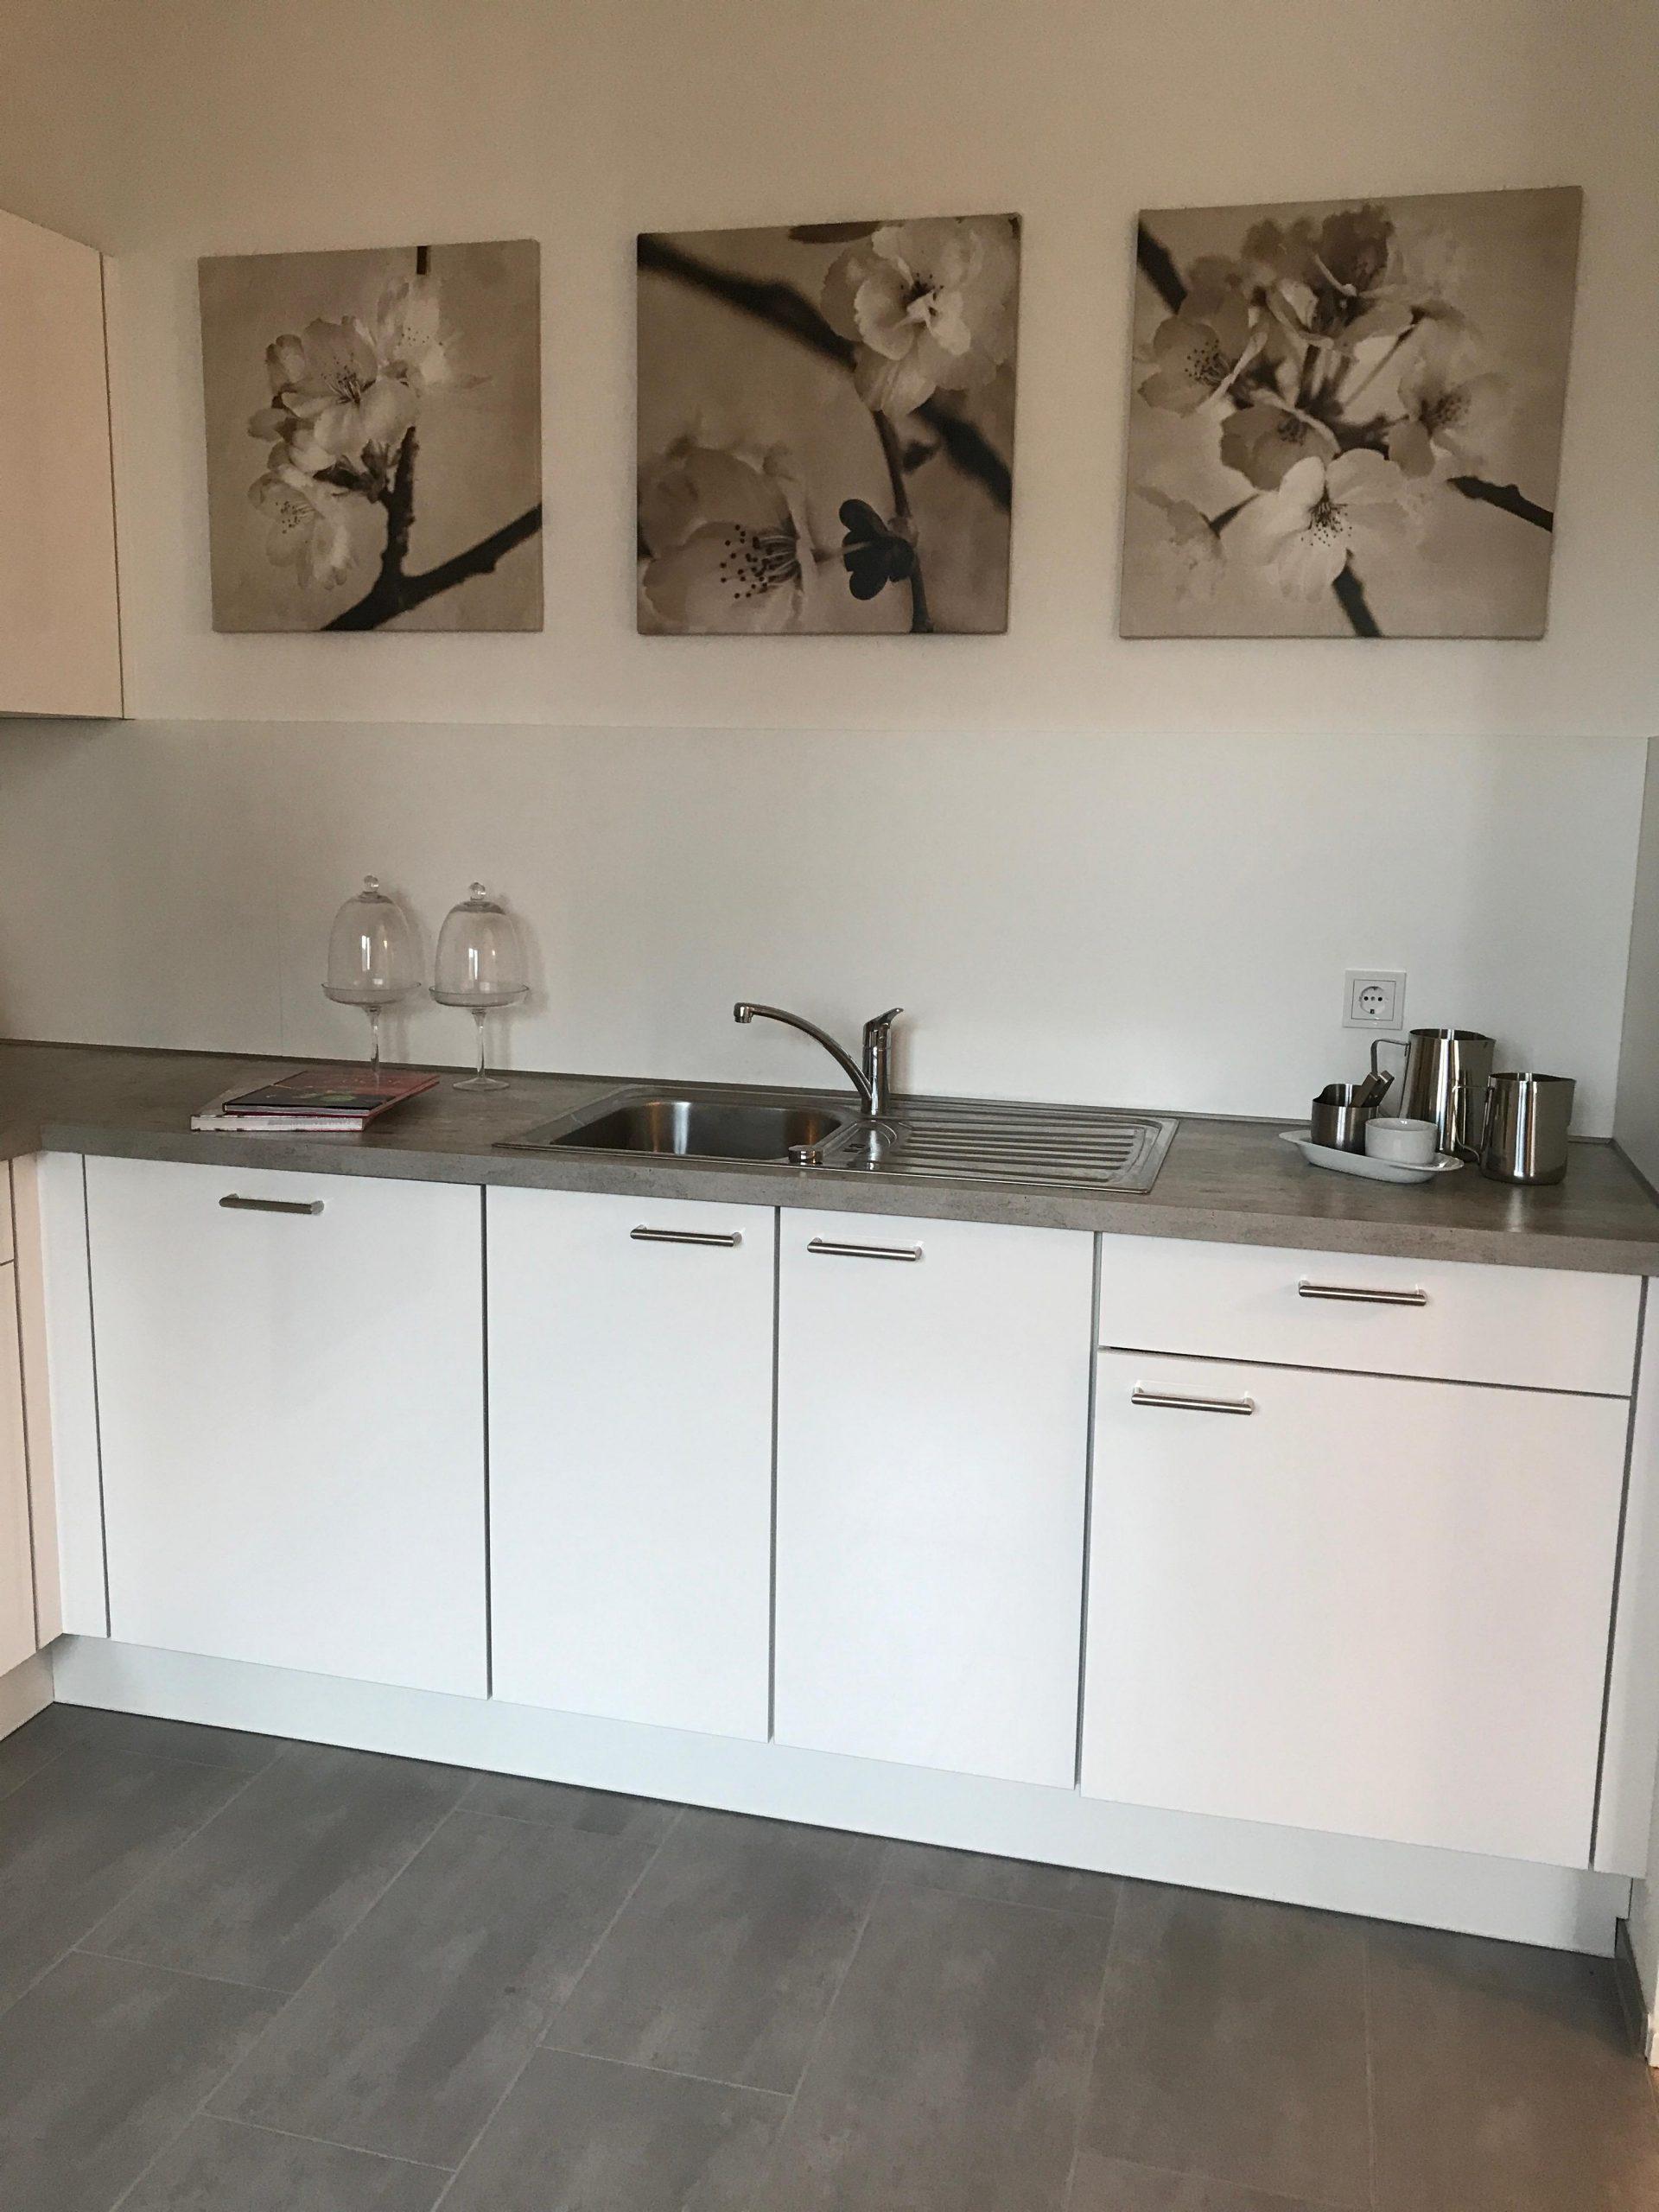 Full Size of Boden Für Küche Geeignet Bodenbelag Küche Empfehlung Küche Boden Wechseln Bodenbelag Küche Obi Küche Bodenbelag Küche